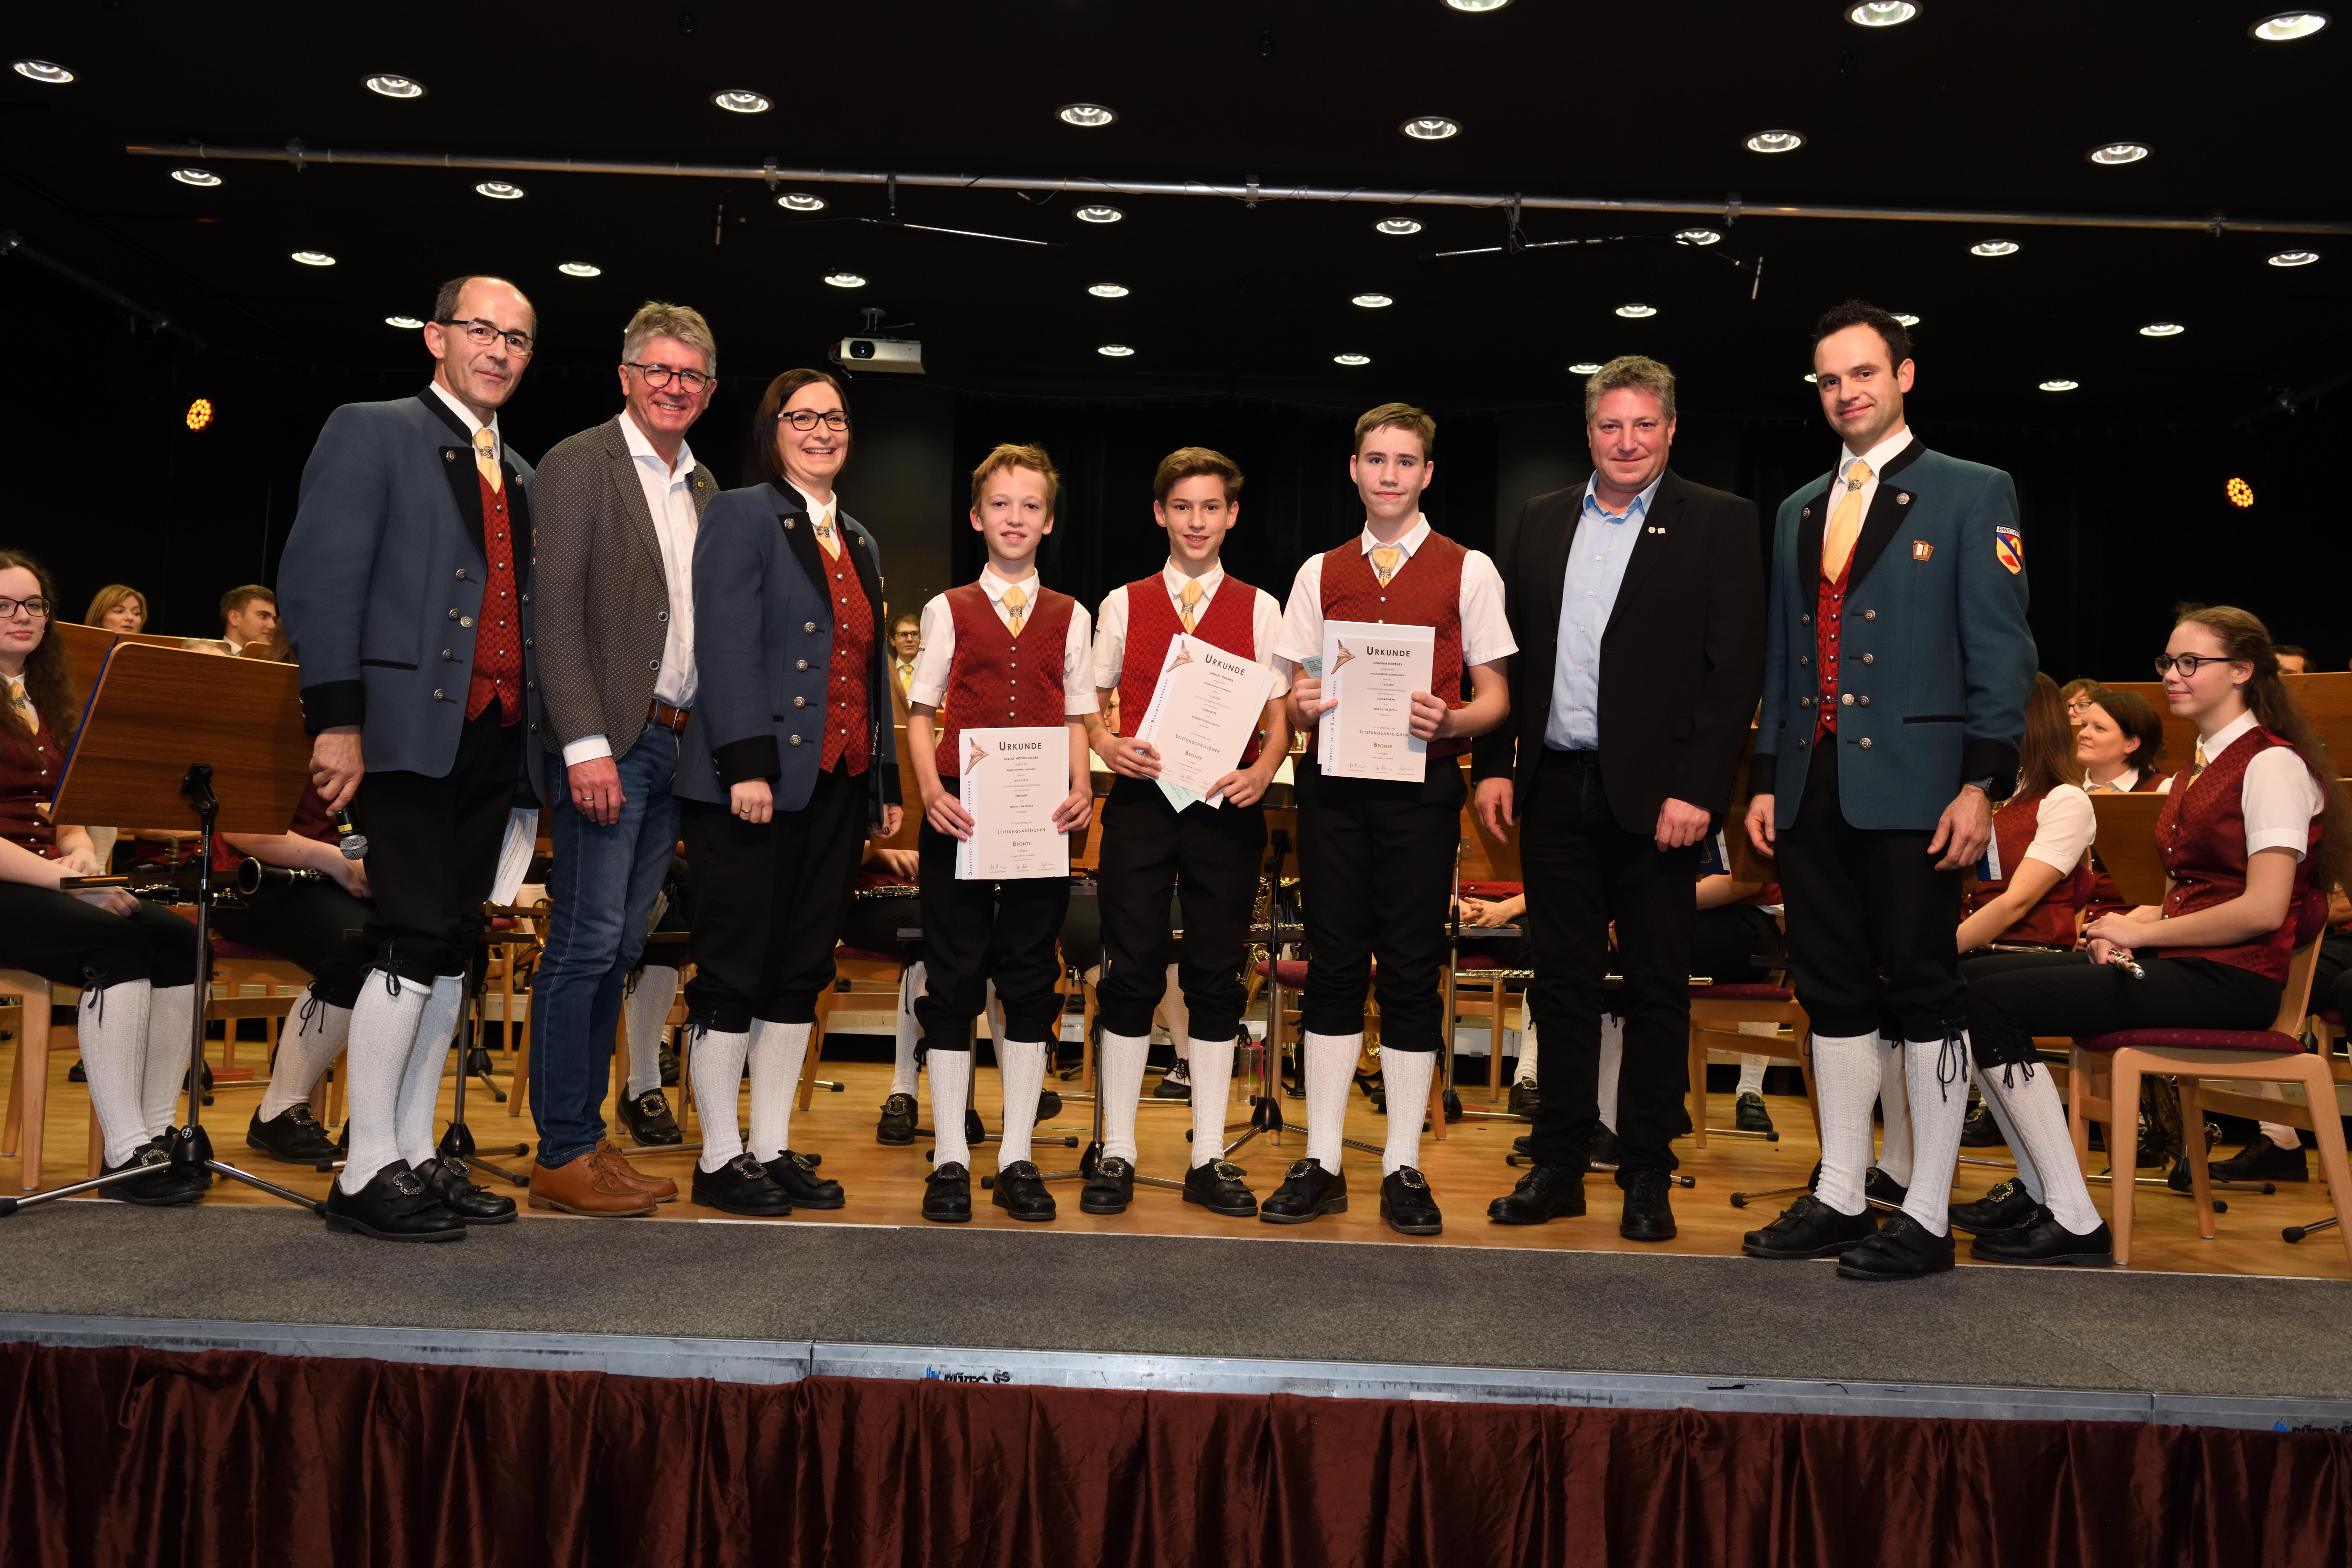 v.l.n.r.: Karl Buchinger, Karl Huber, Julia Moser, Tobias Hochetlinger, Samuel Gramer, Dominik Hörtner, Harald Weidinger, Johannes Land